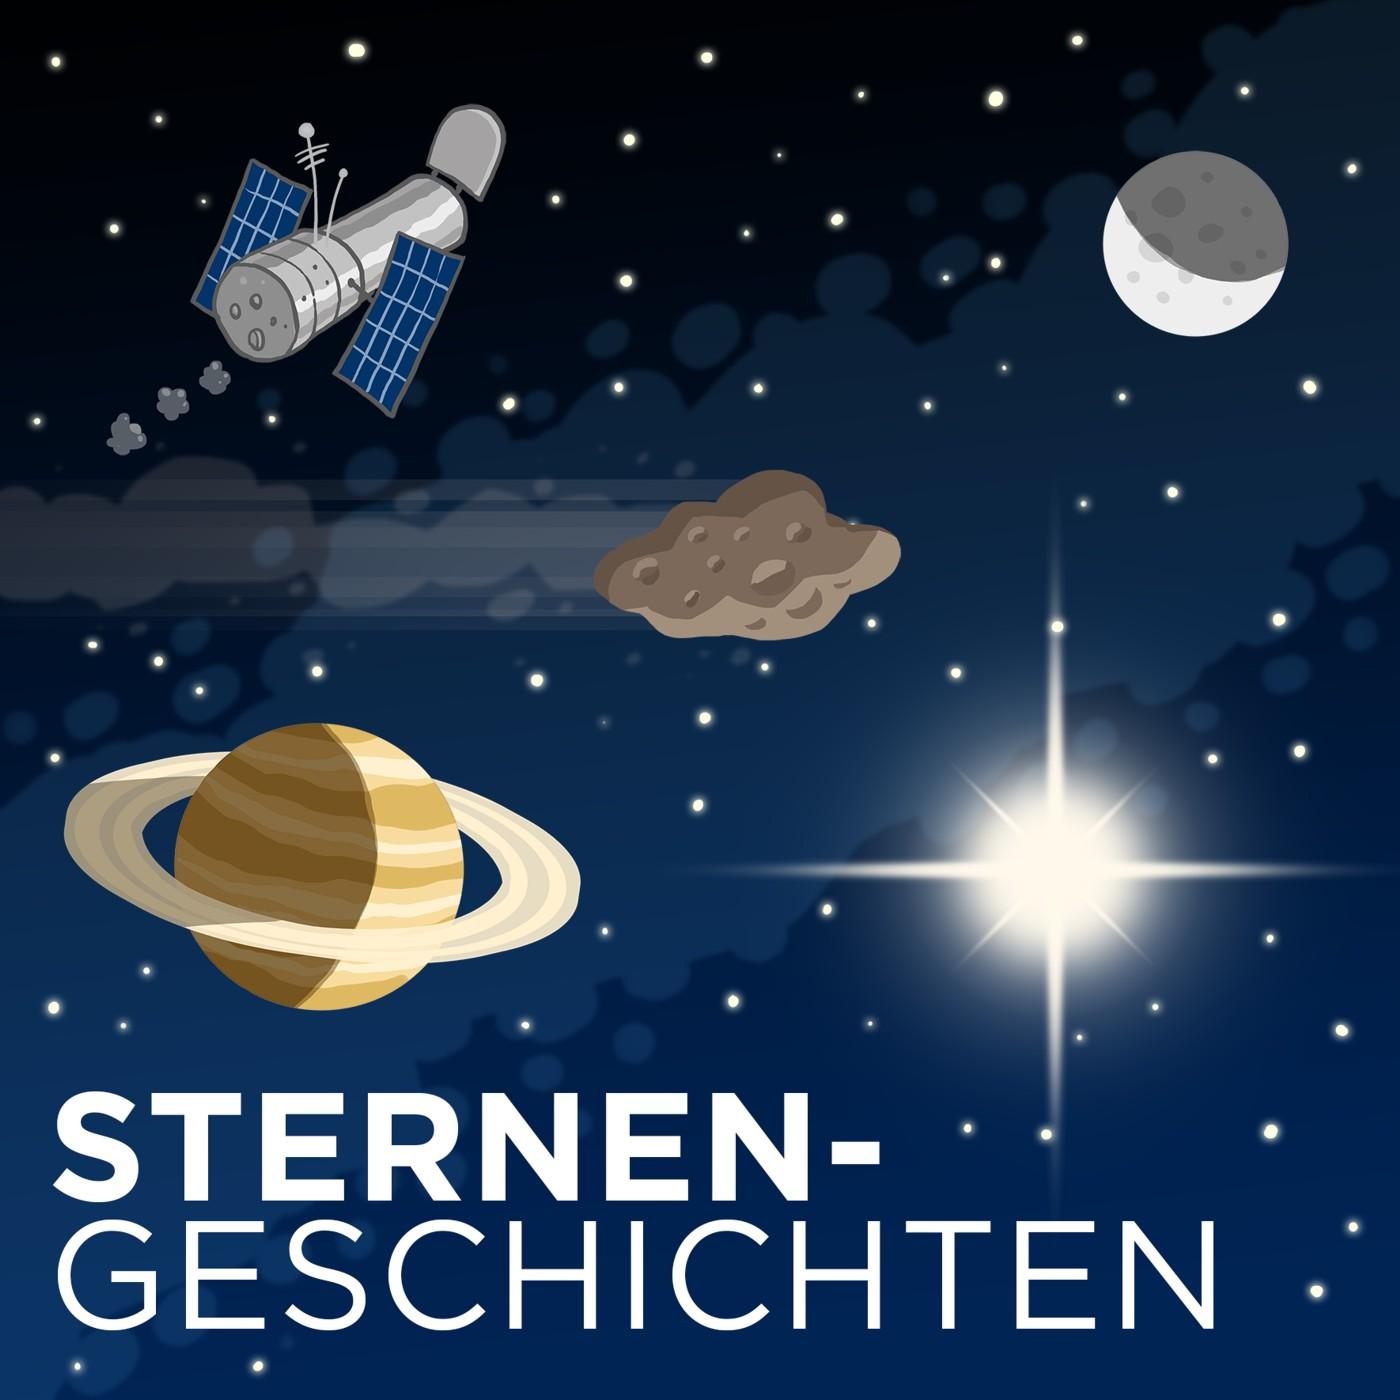 Sternengeschichten Folge 369: Weihnachten und andere Feste - Astronomie und die Feiertage